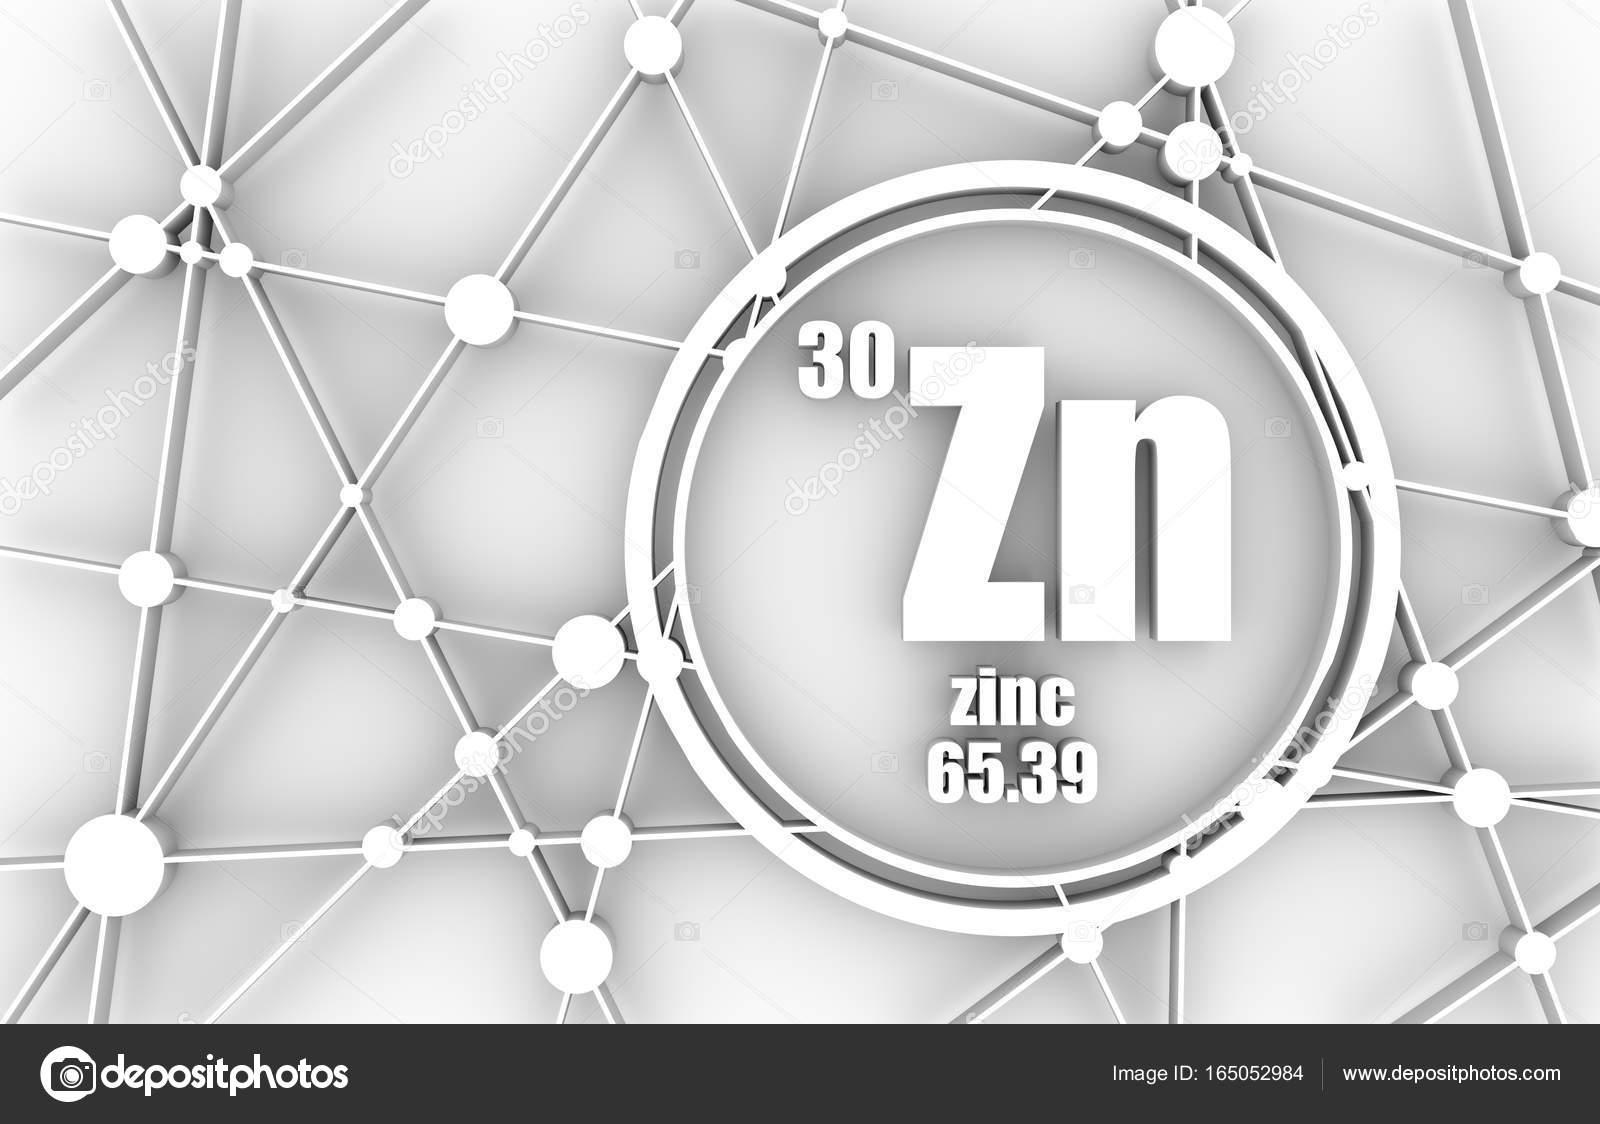 Elemento qumico del cinc foto de stock jegasra 165052984 elemento qumico del zinc firmar con el nmero atmico y peso atmico elemento qumico de tabla peridica molcula y el fondo de la comunicacin urtaz Images